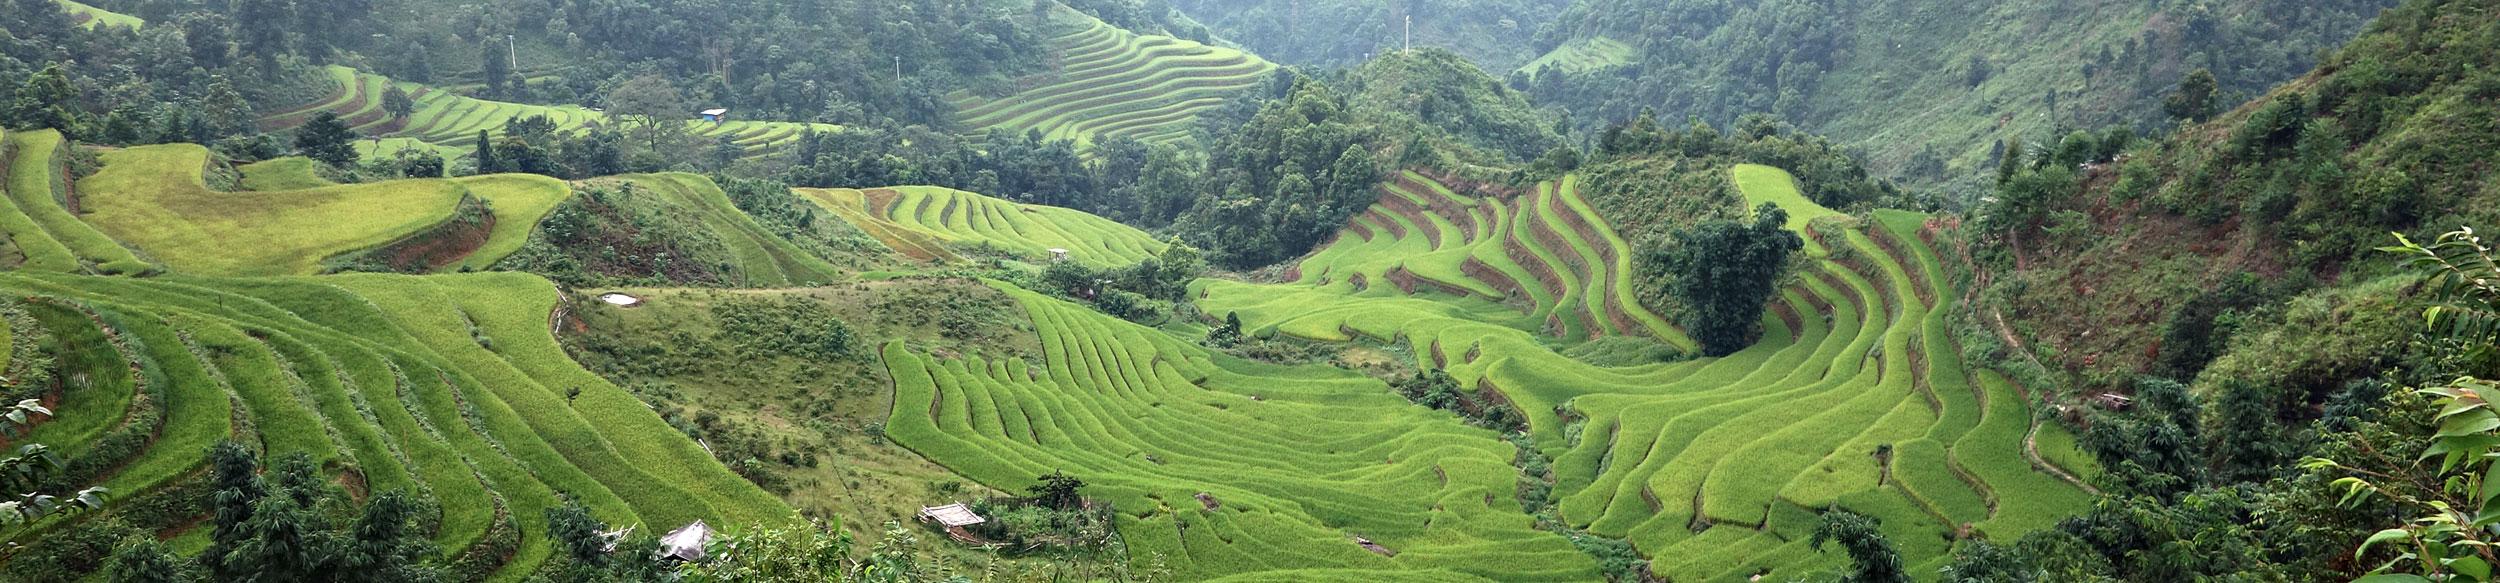 Rizières en terrasse près de Ban Lien dans le nord Vietnam